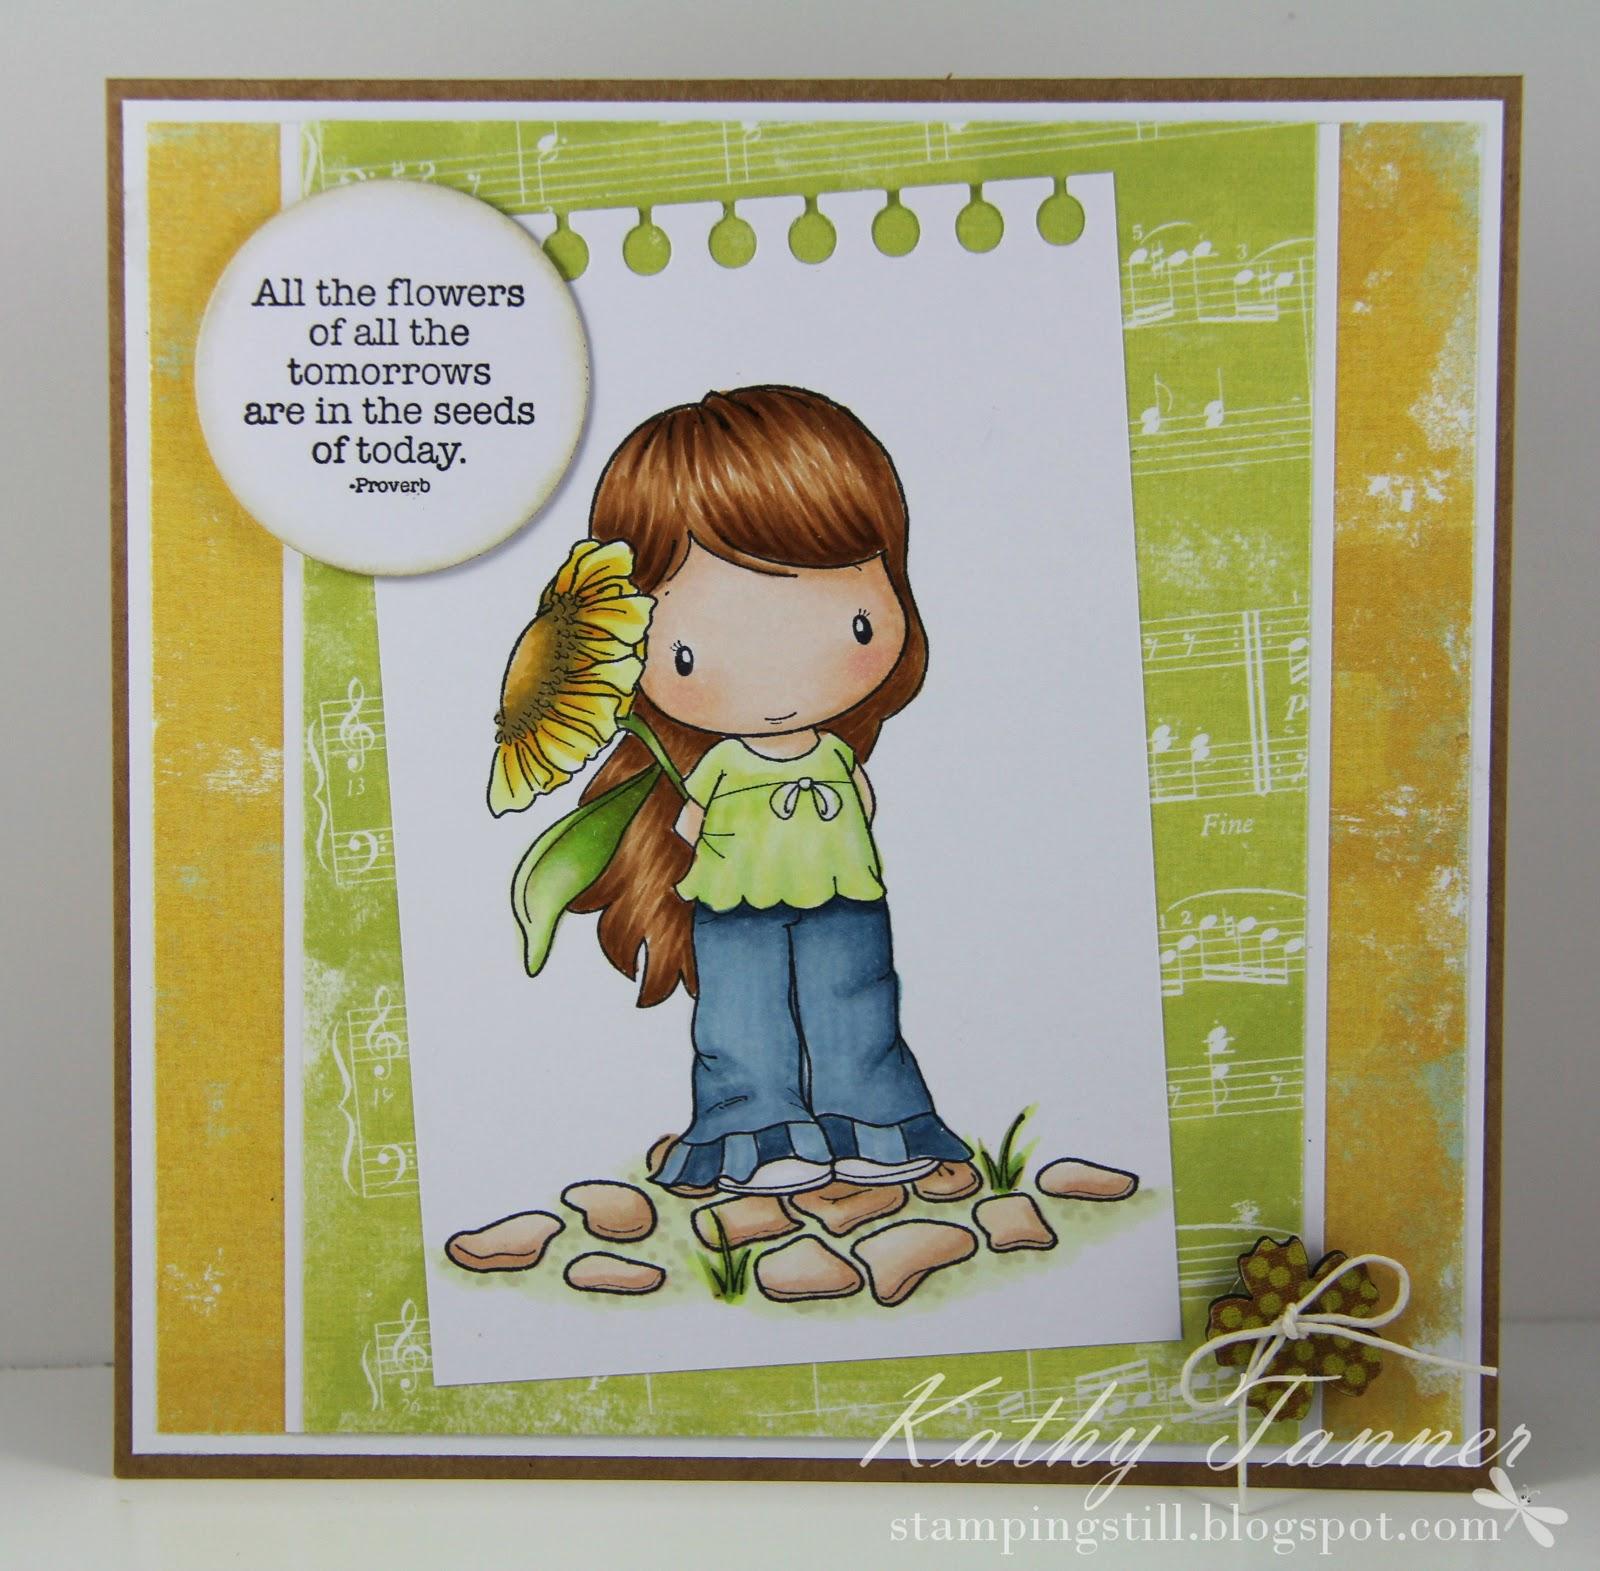 cc designs, autumn's mum, pebbles, all about teachers, notebook edges die